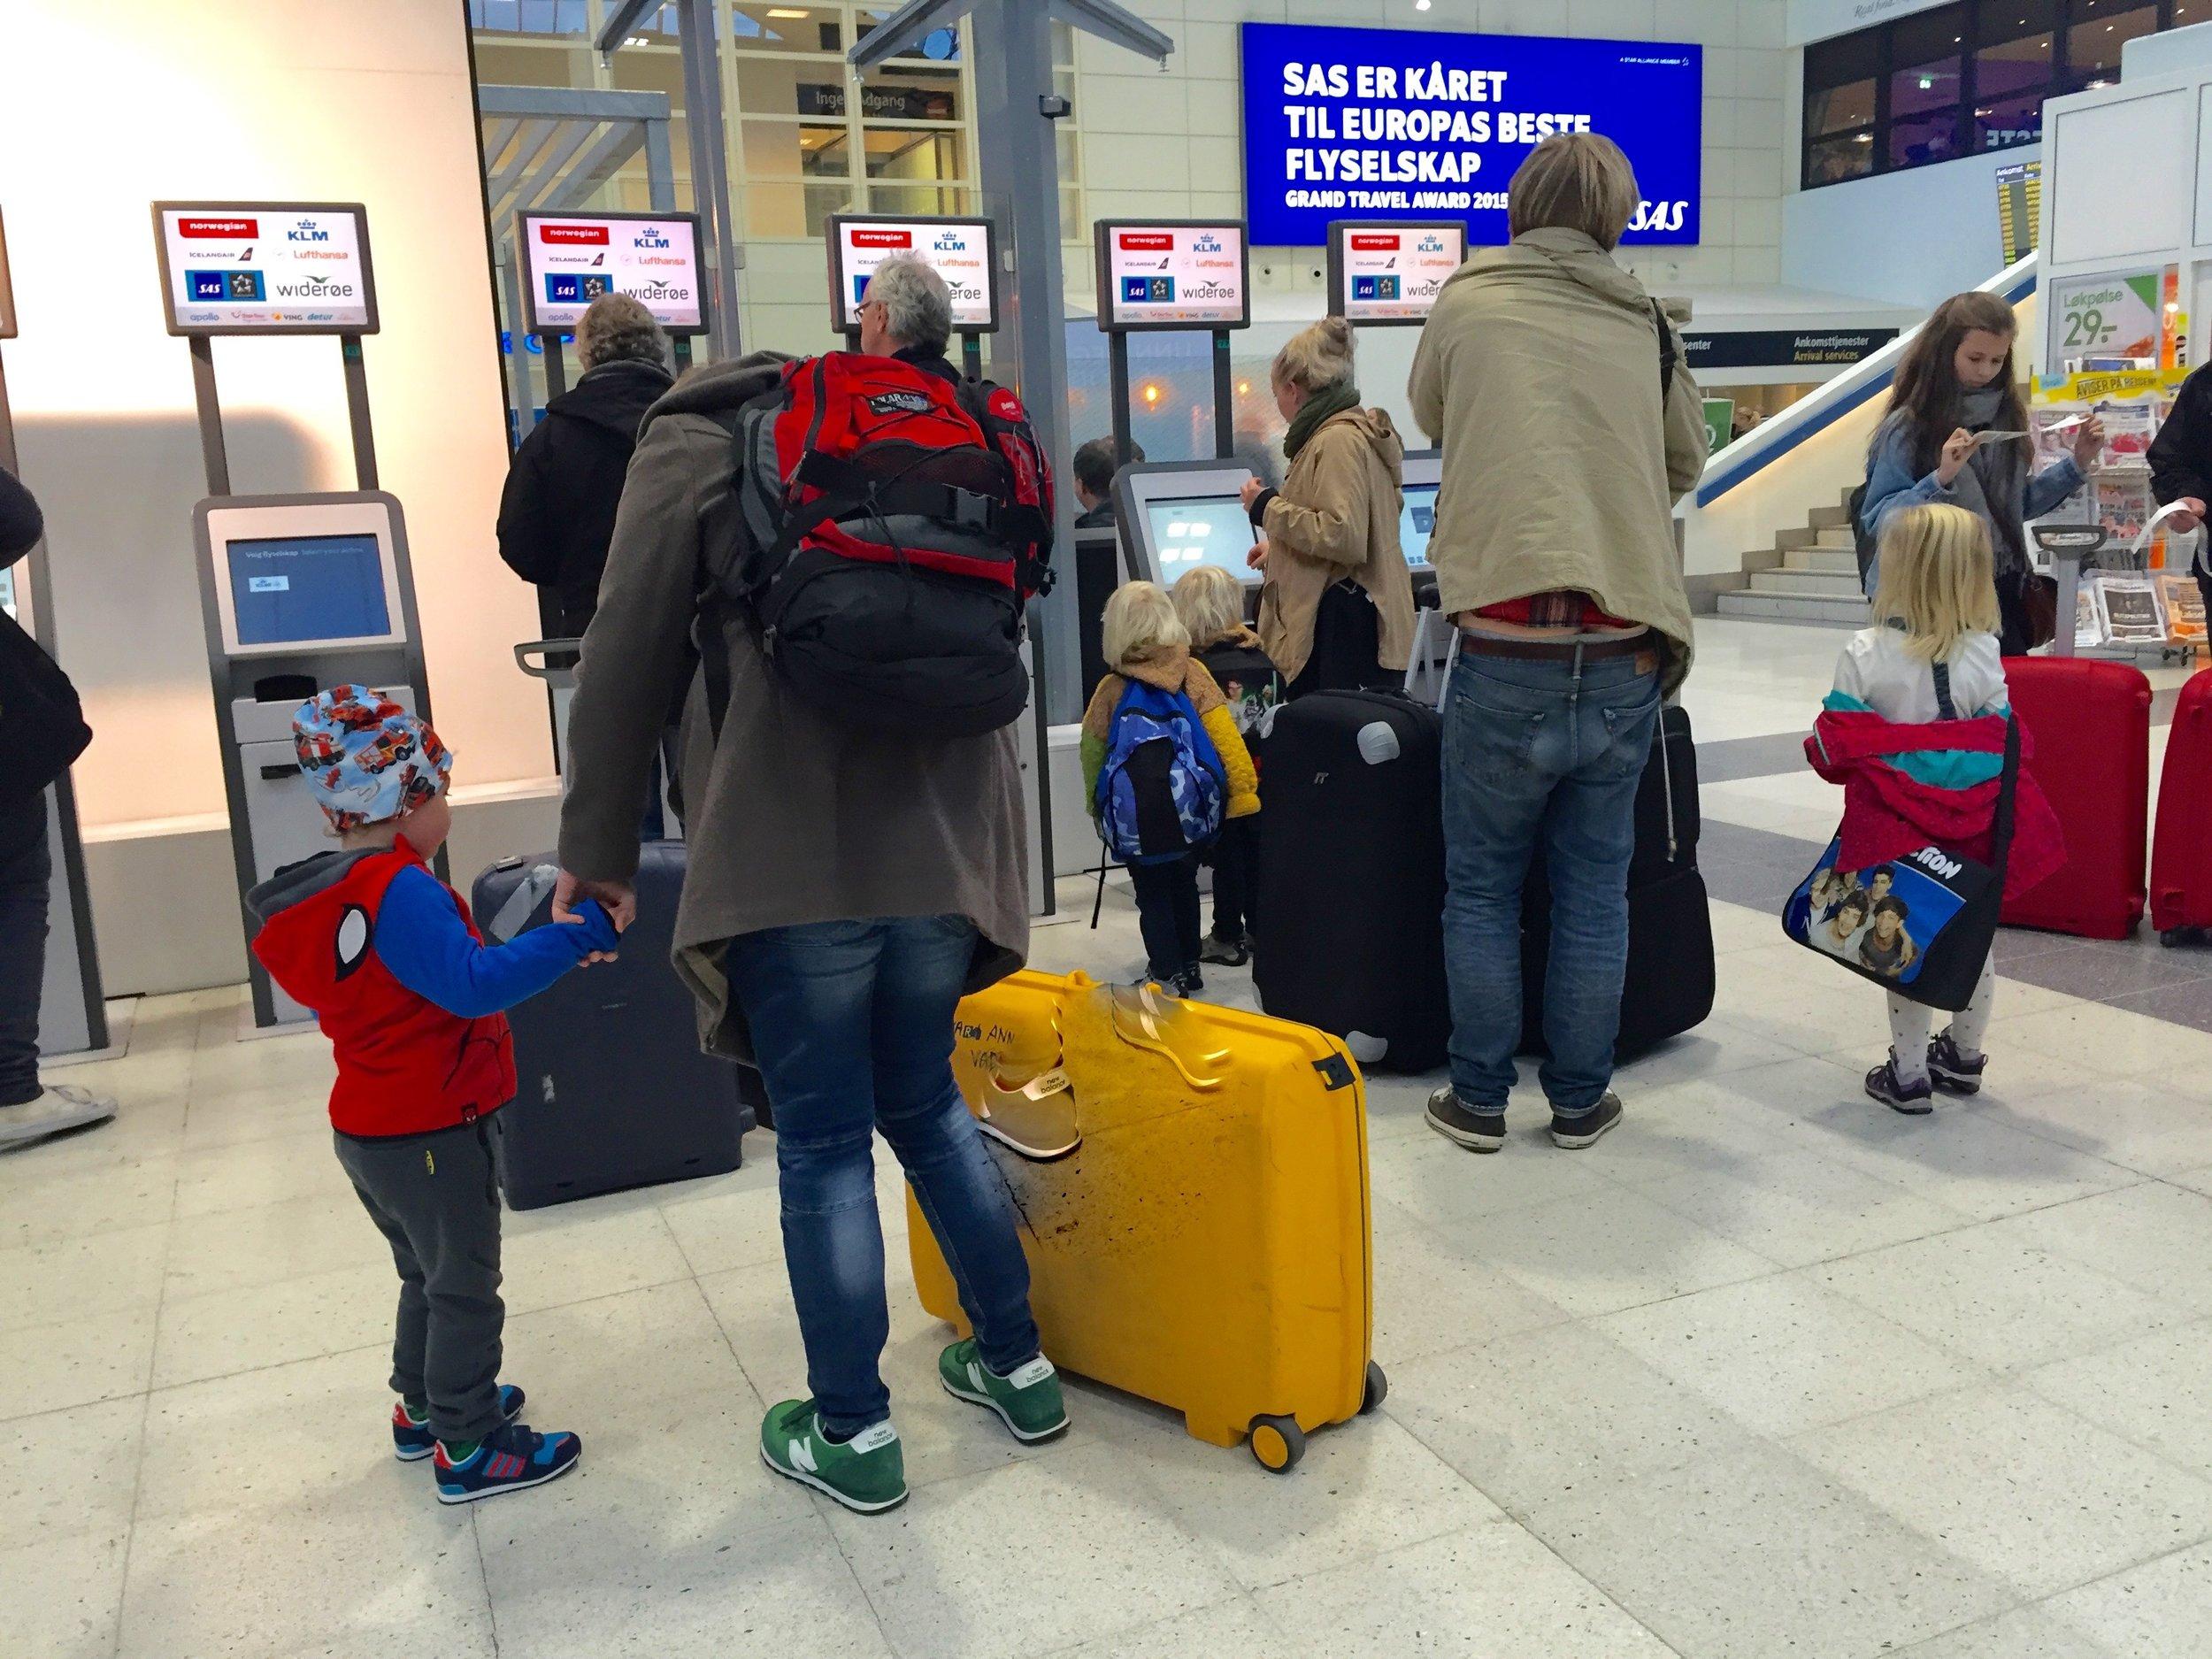 Les de smarte tipsene før du reiser med små barn.         Foto: Odd Roar Lange